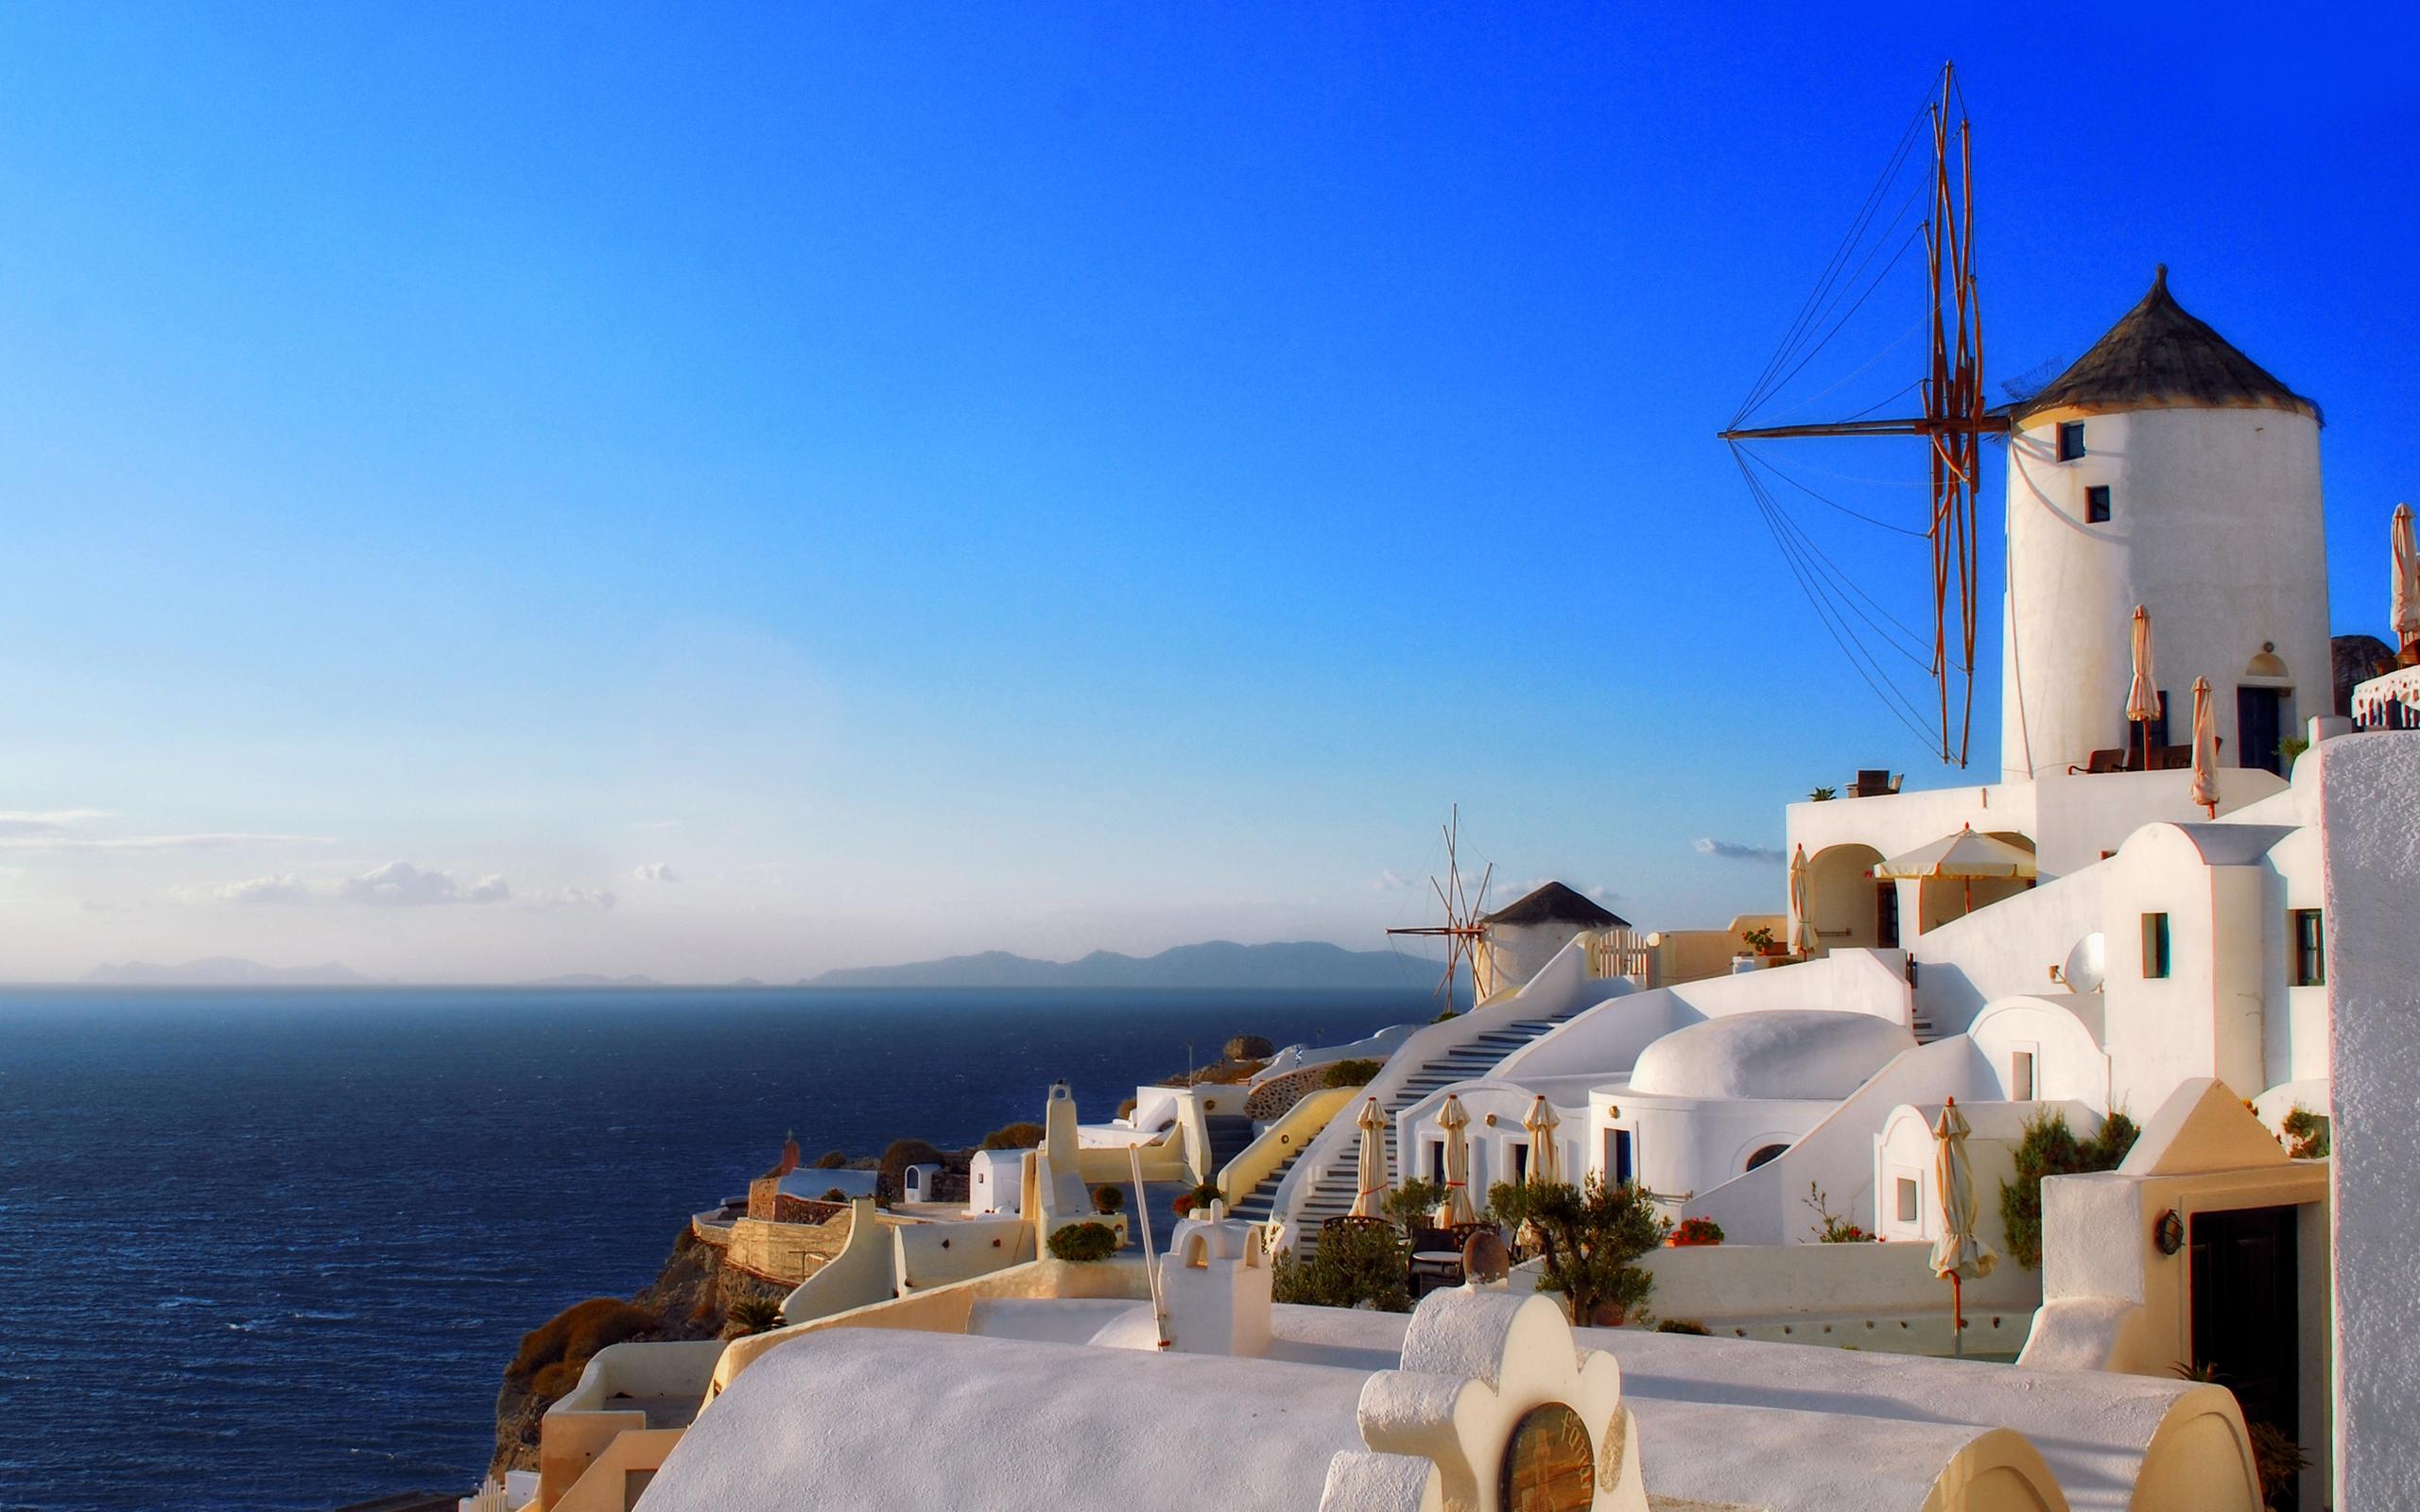 Dream Summer 2012   santorinigreece Wallpapers   HD Wallpapers 96347 2560x1600